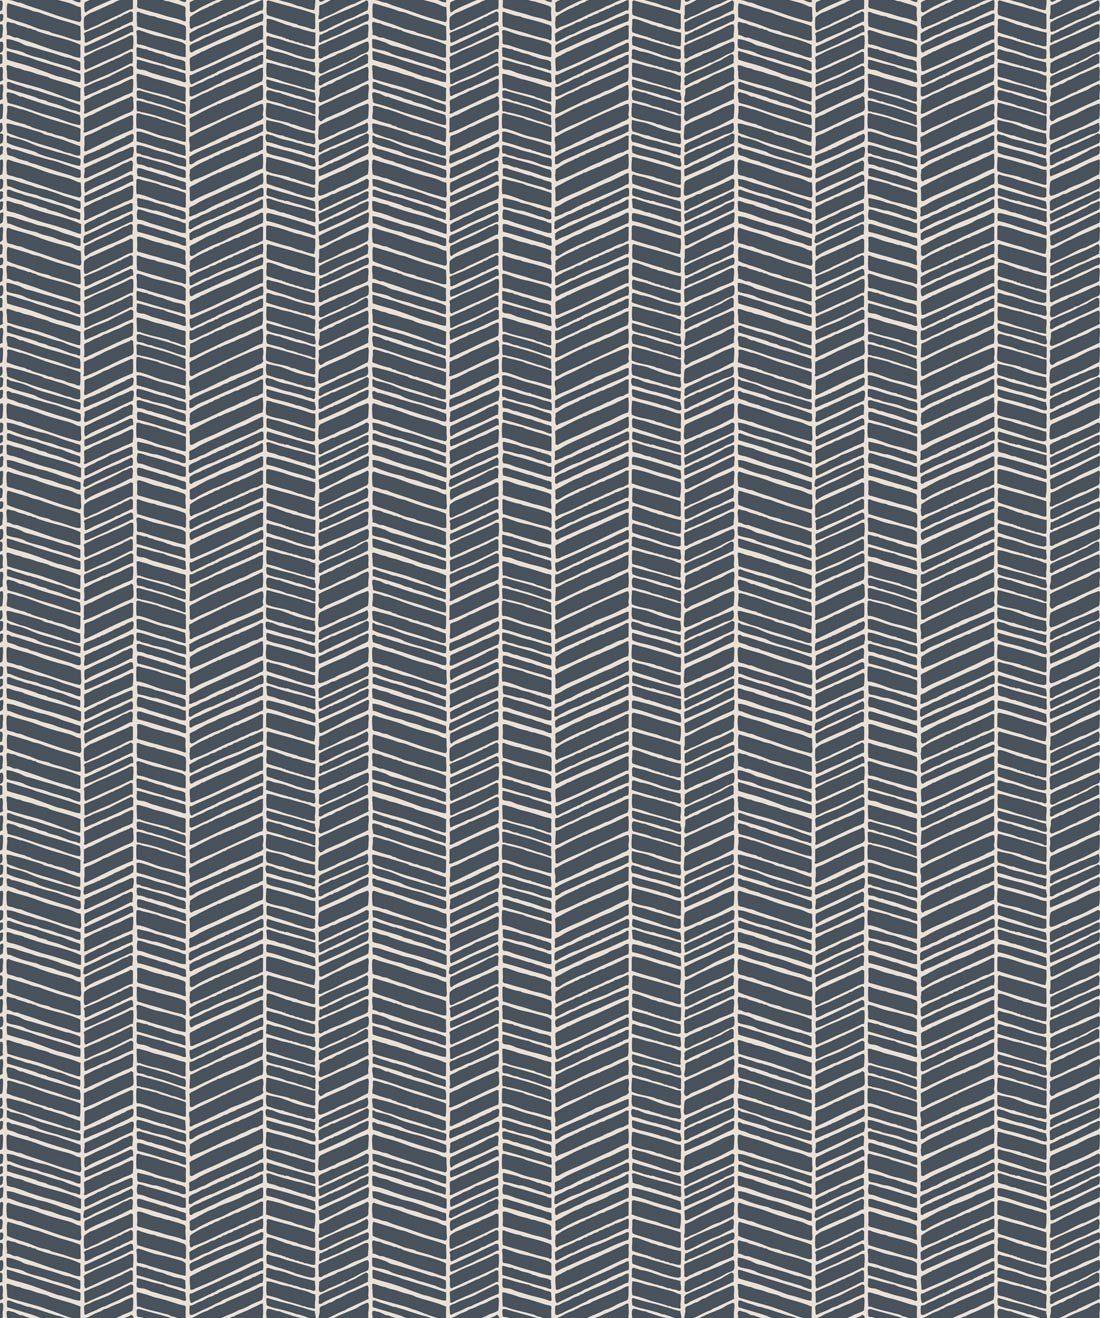 Herringbone Thunderbolt Blue Wallpaper